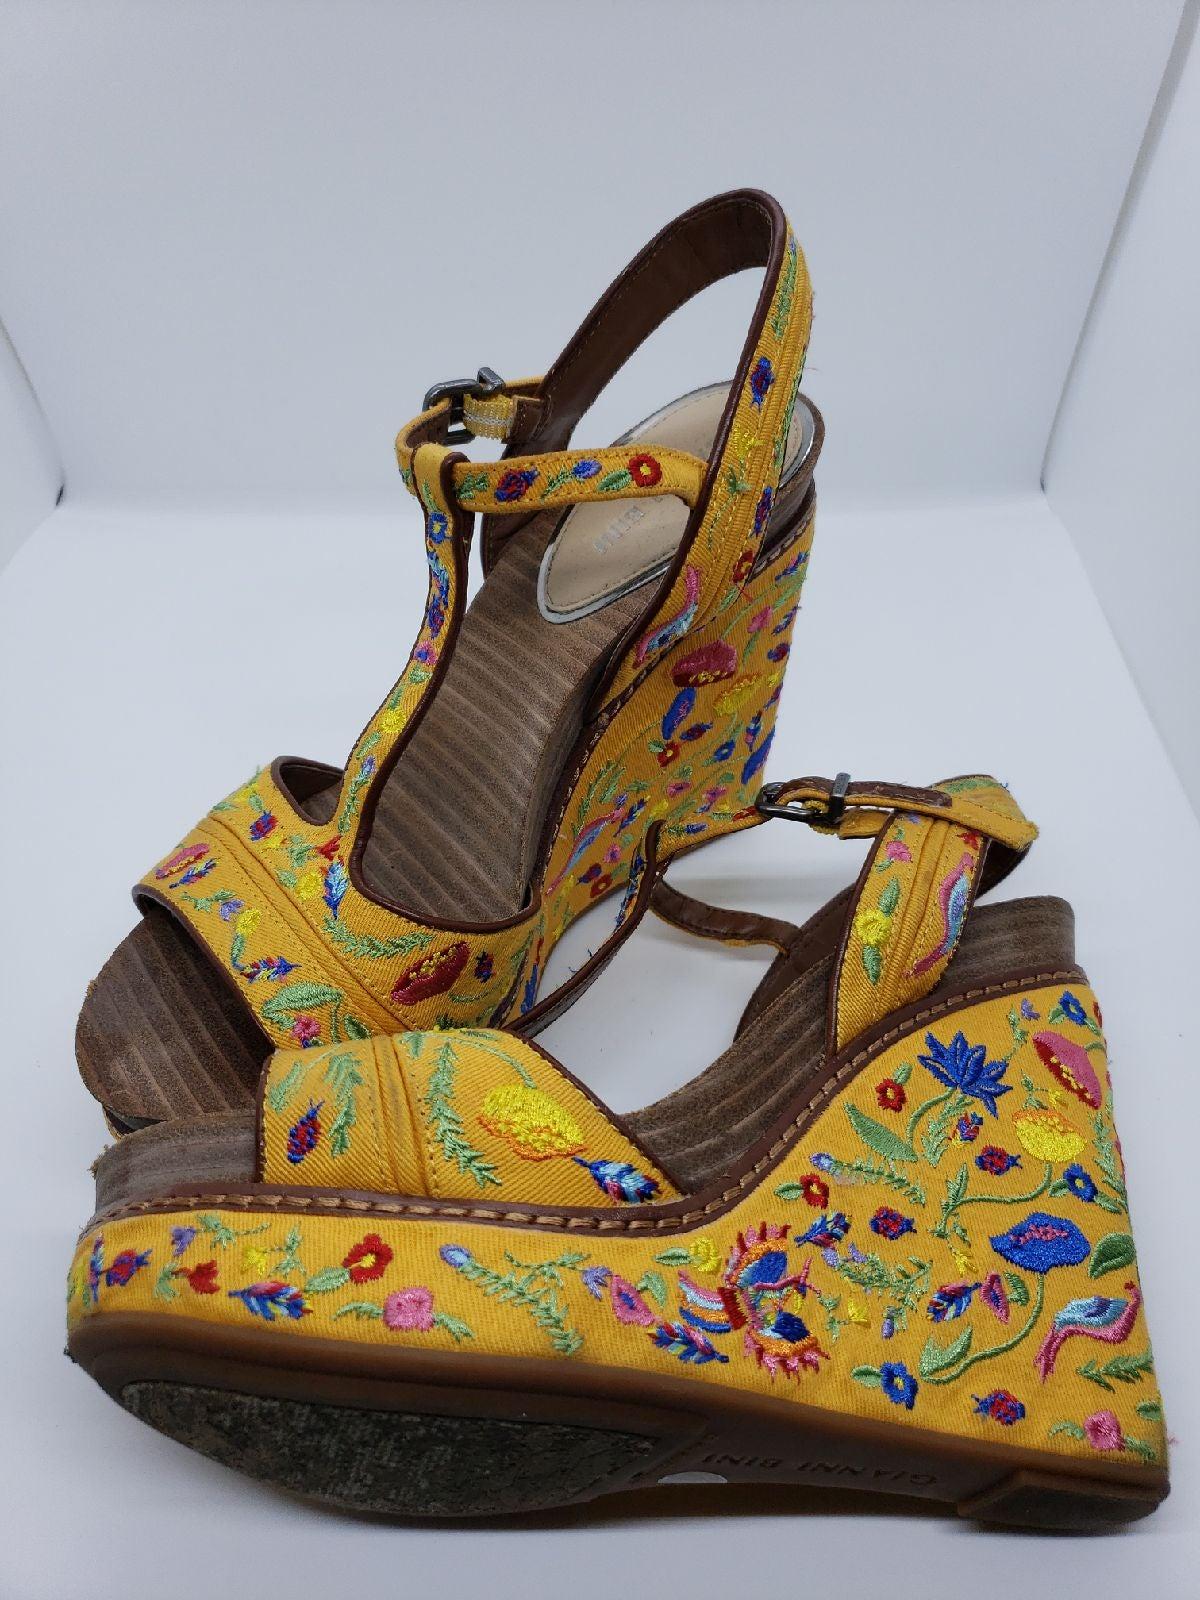 Gianni Bini Shoes Floral Yellow Wedge Wo